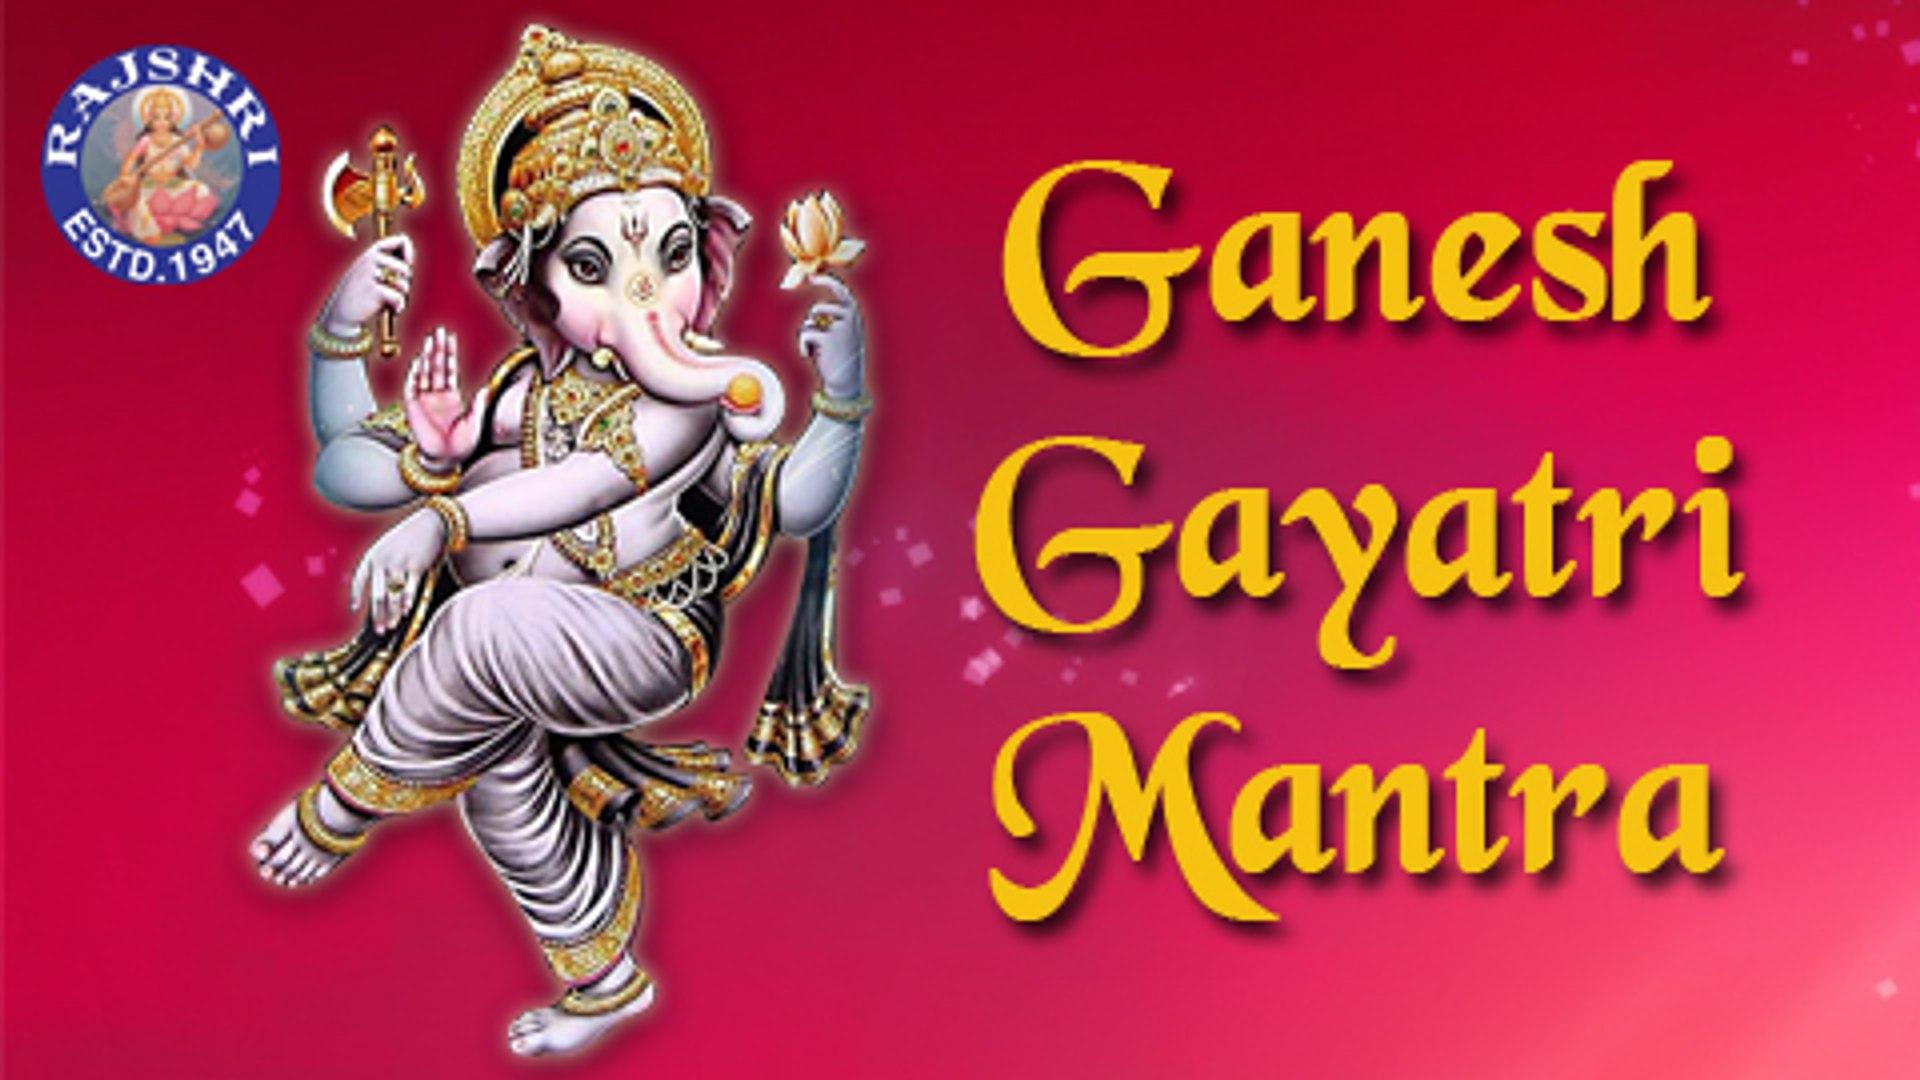 Rose Glen North Dakota ⁓ Try These Ganesh Gayatri Mantra In